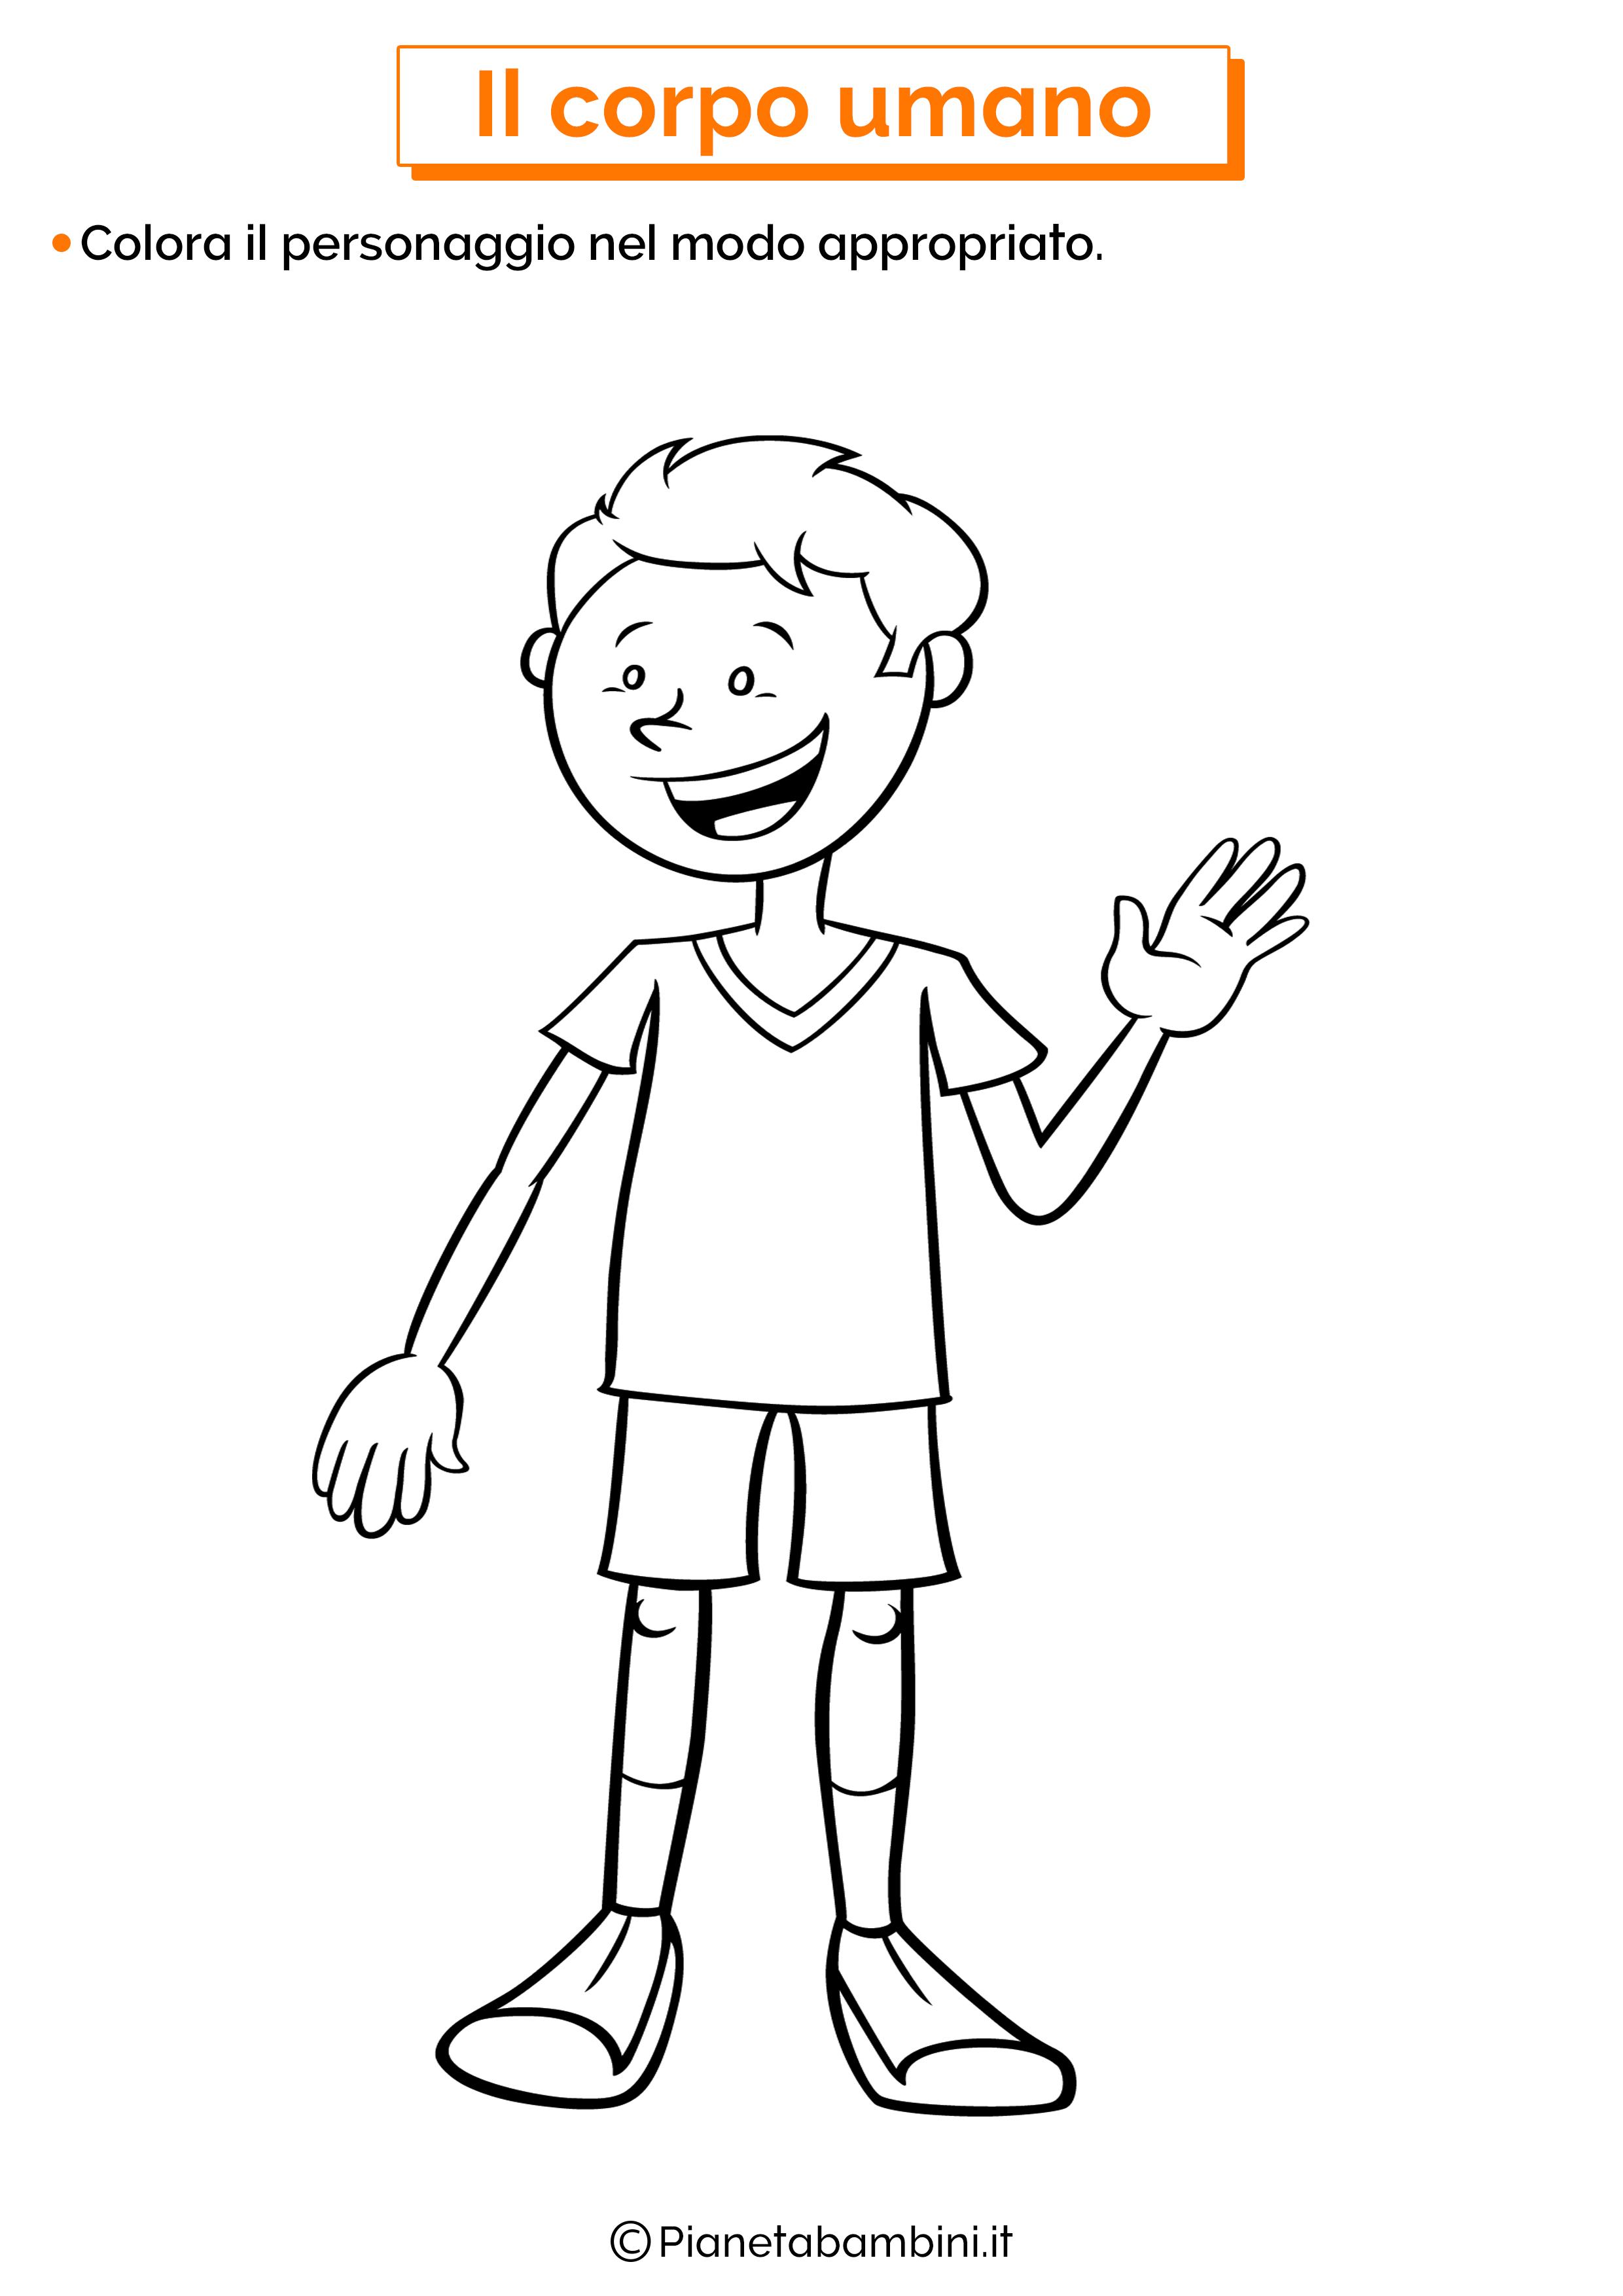 Esercizi sul corpo umano per la scuola dell'infanzia 01